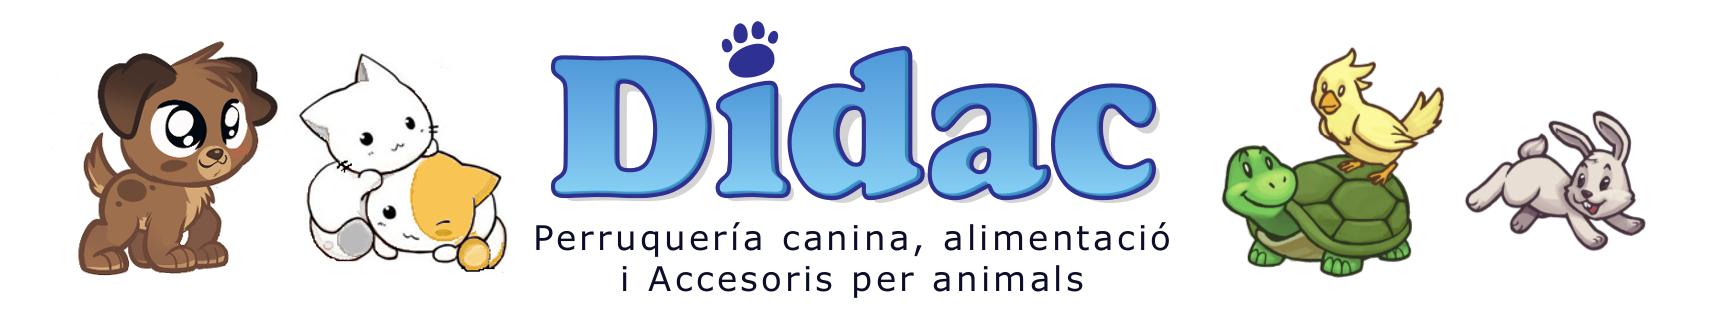 Didac: Perruquería canina, alimentació i accesoris per animals